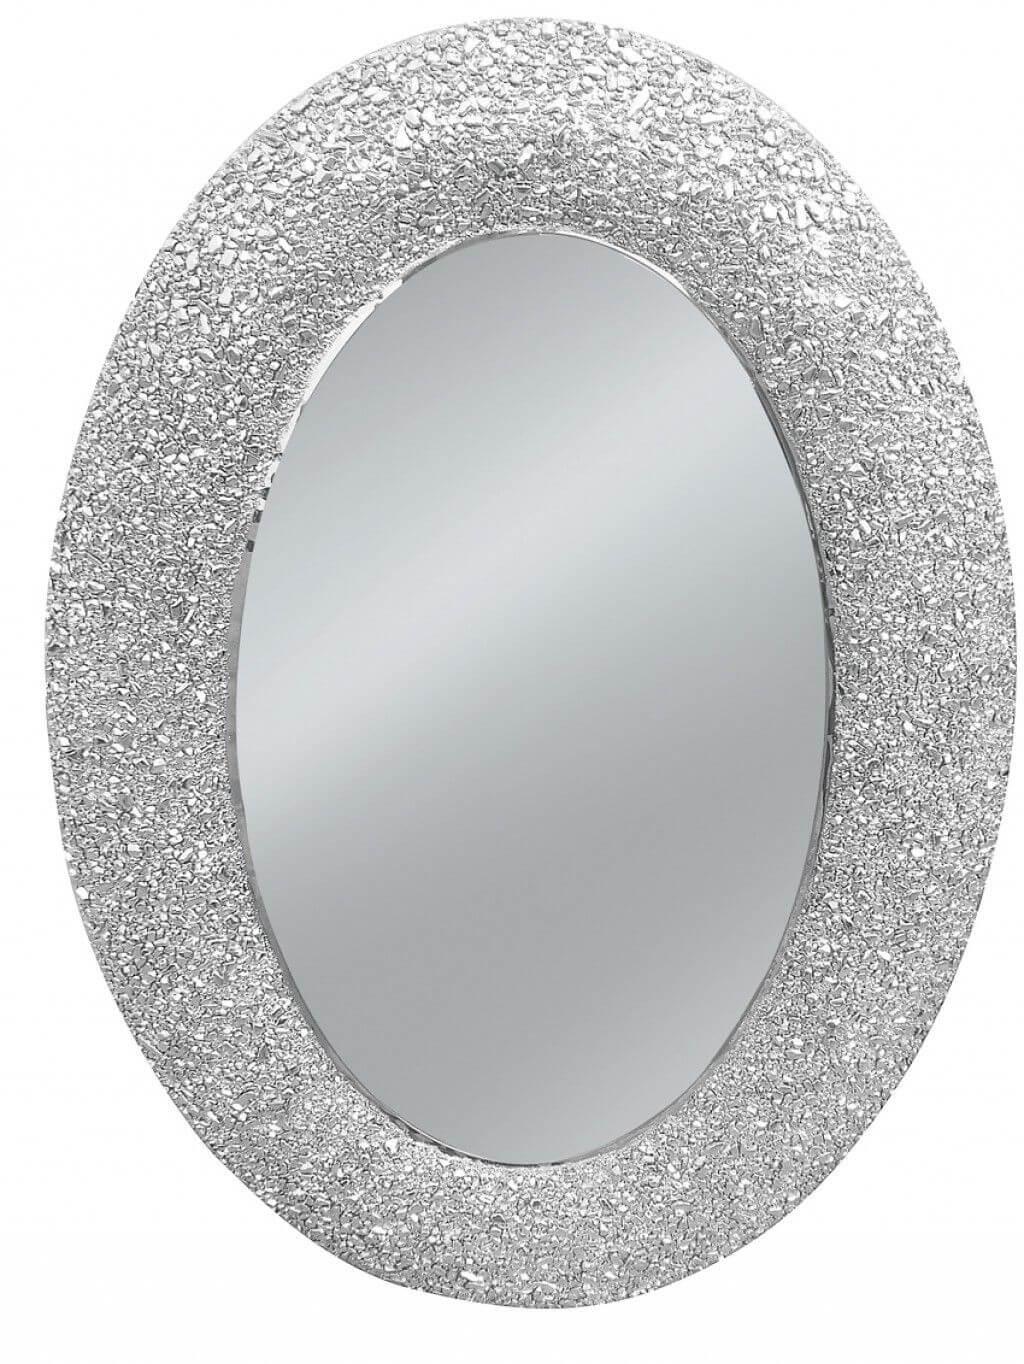 specchio ovale effetto glitter